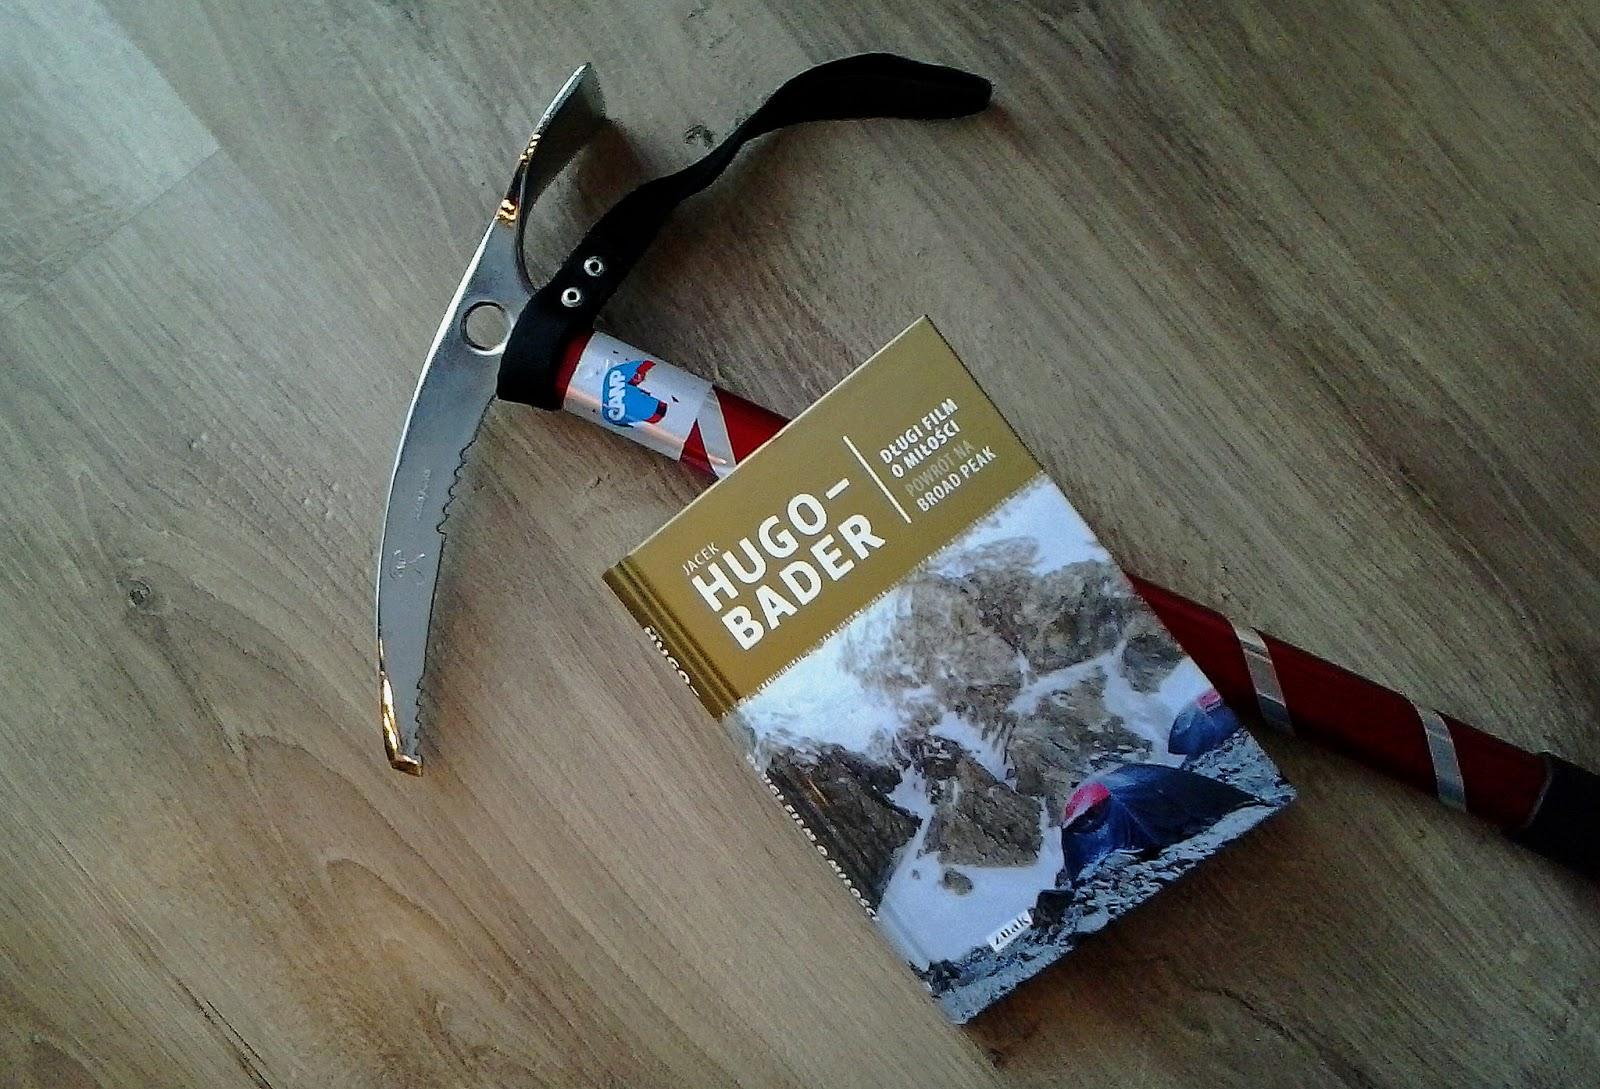 DŁUGI FILM O MIŁOŚCI, POWRÓT NA BROAD PEAK - Jacek Hugo-Bader | Recenzja z ludzkim jazgotem w tle - góry lifetyle styl życia